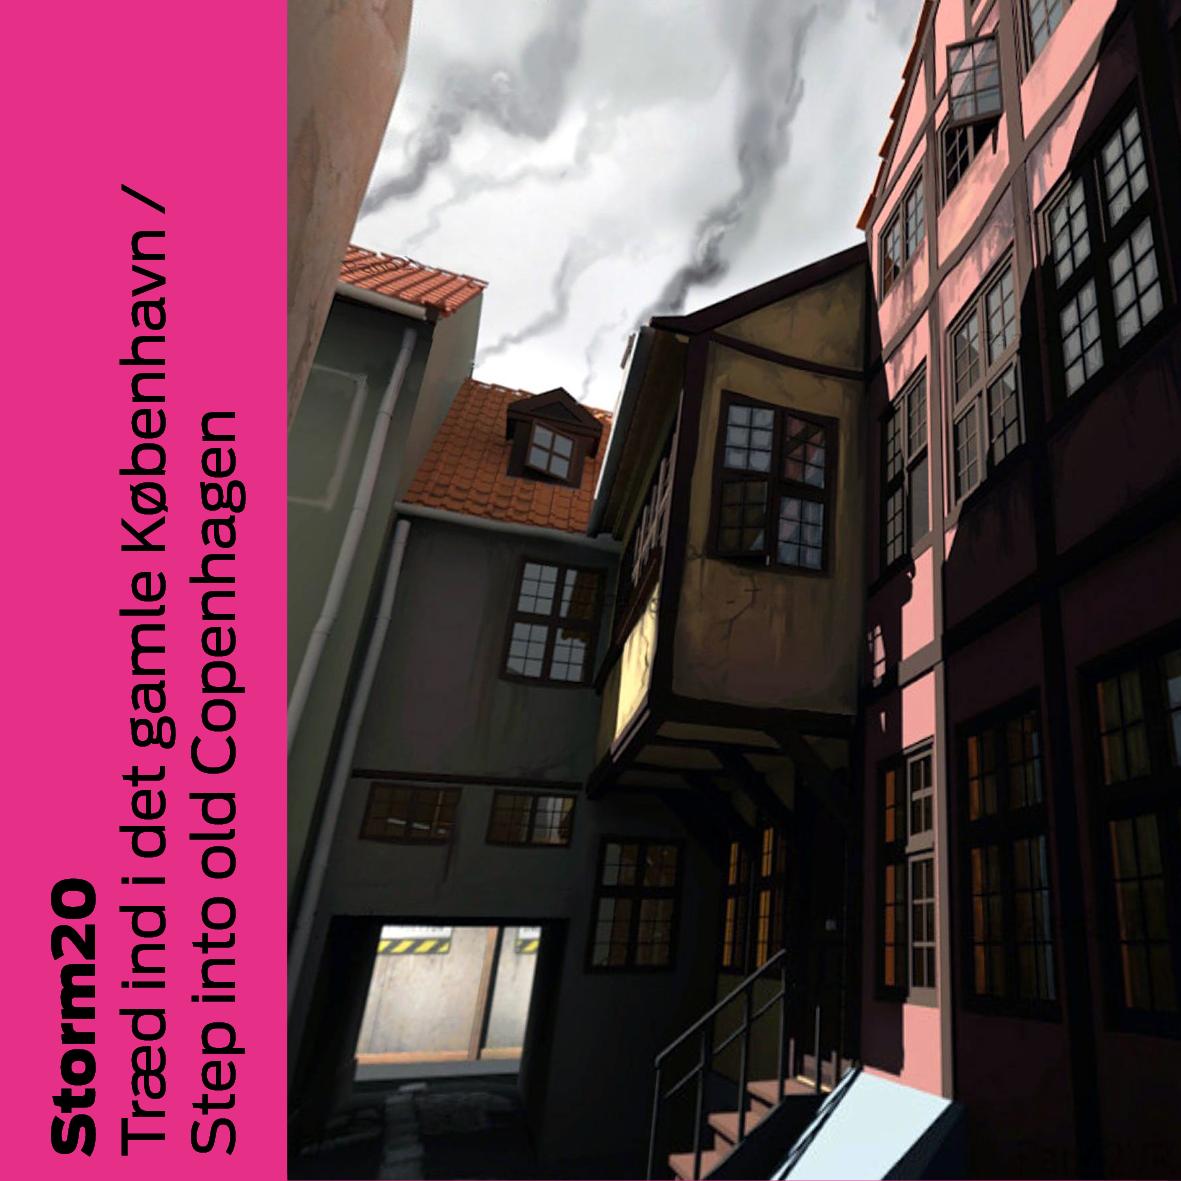 Storm20 (DK): Træd ind i det gamle København / Step into old Copenhagen